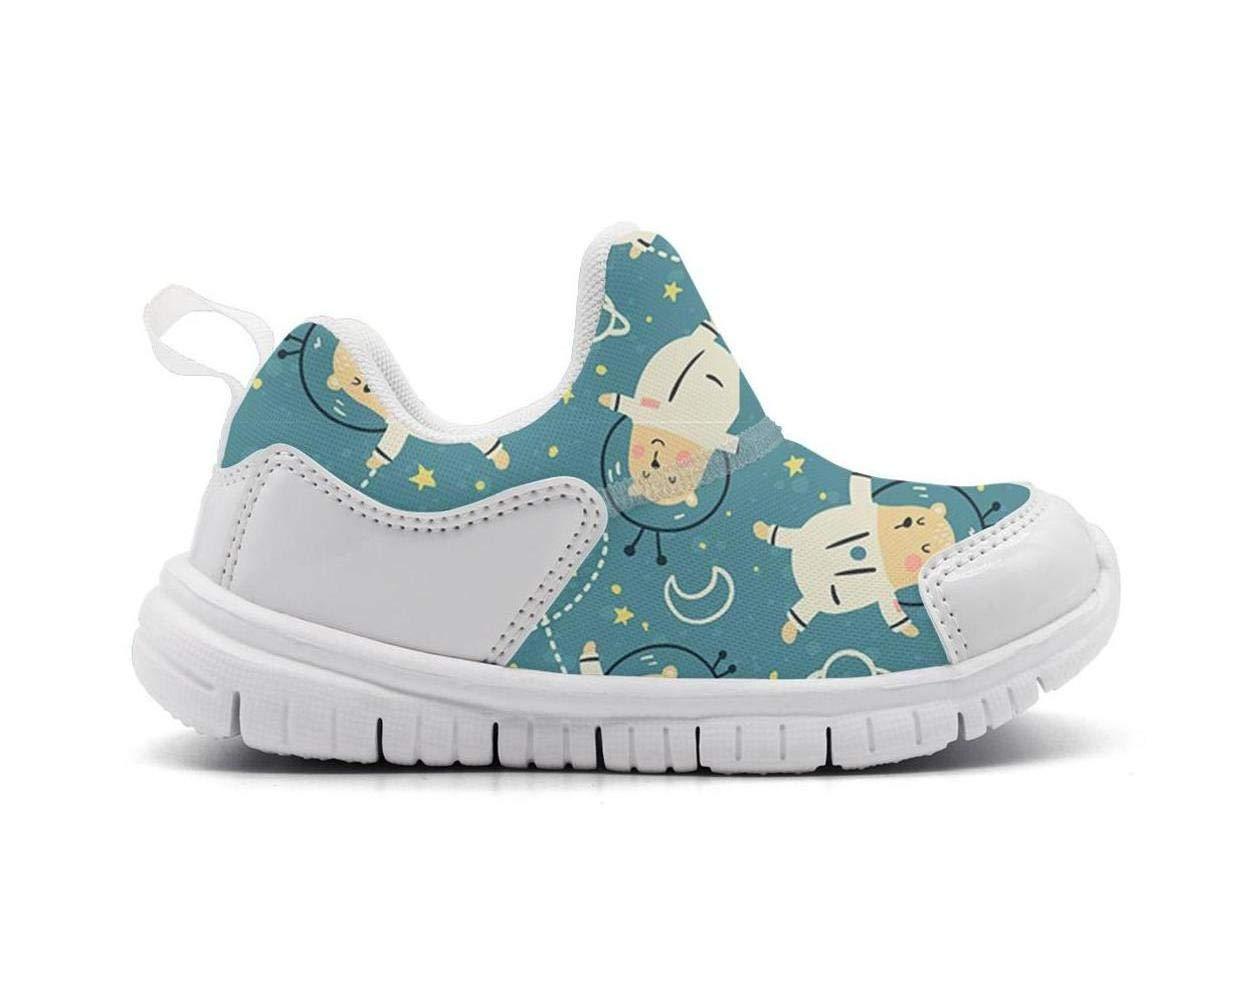 ONEYUAN Children Green Galaxy Astronaut Bear Kid Casual Lightweight Sport Shoes Sneakers Running Shoes